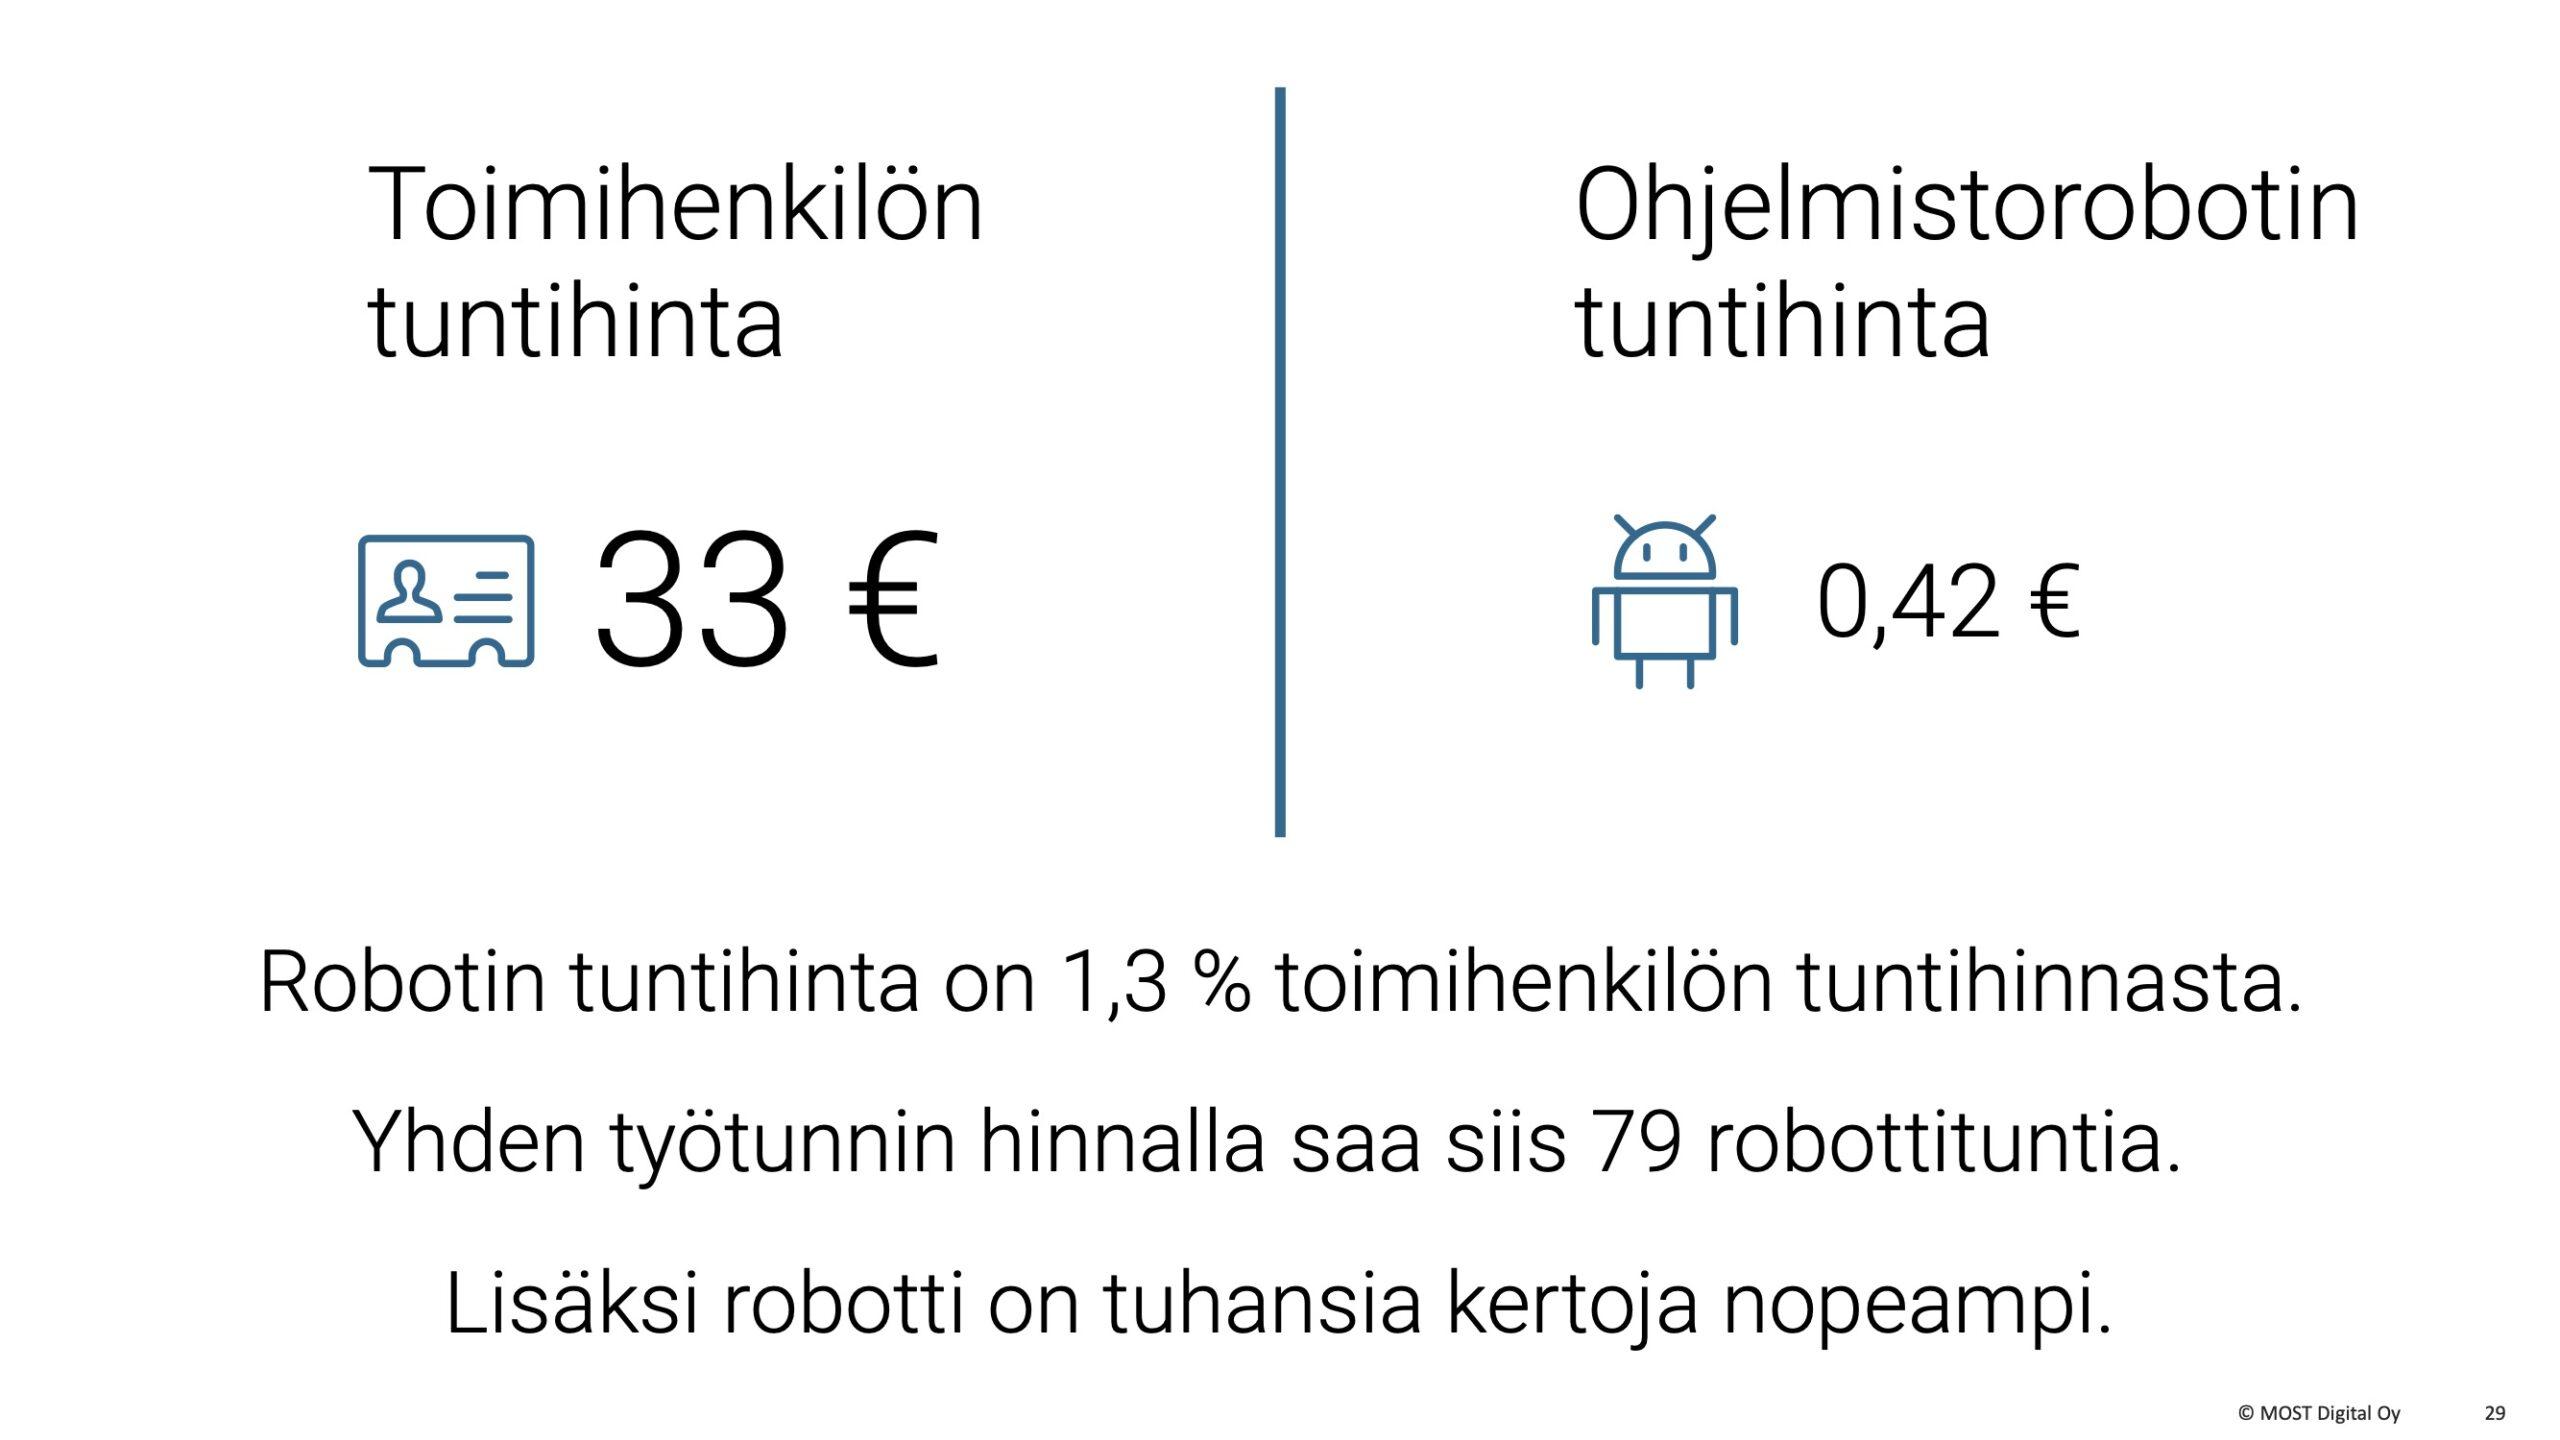 OIVA-ohjelmistorobotti, MYYNTIESITYS, osa 2, sivu 12: Toimihenkilön tuntihinnaksi tulee 33 euroa, kun OIVA-robotin kustannus on vain 42 senttiä tunnissa. Yhden työtunnin hinnalla saa siis 79 robottituntia. Eikä siinä vielä kaikki: robotti on monissa tehtävissä tuhansia kertoja ihmistä nopeampi.